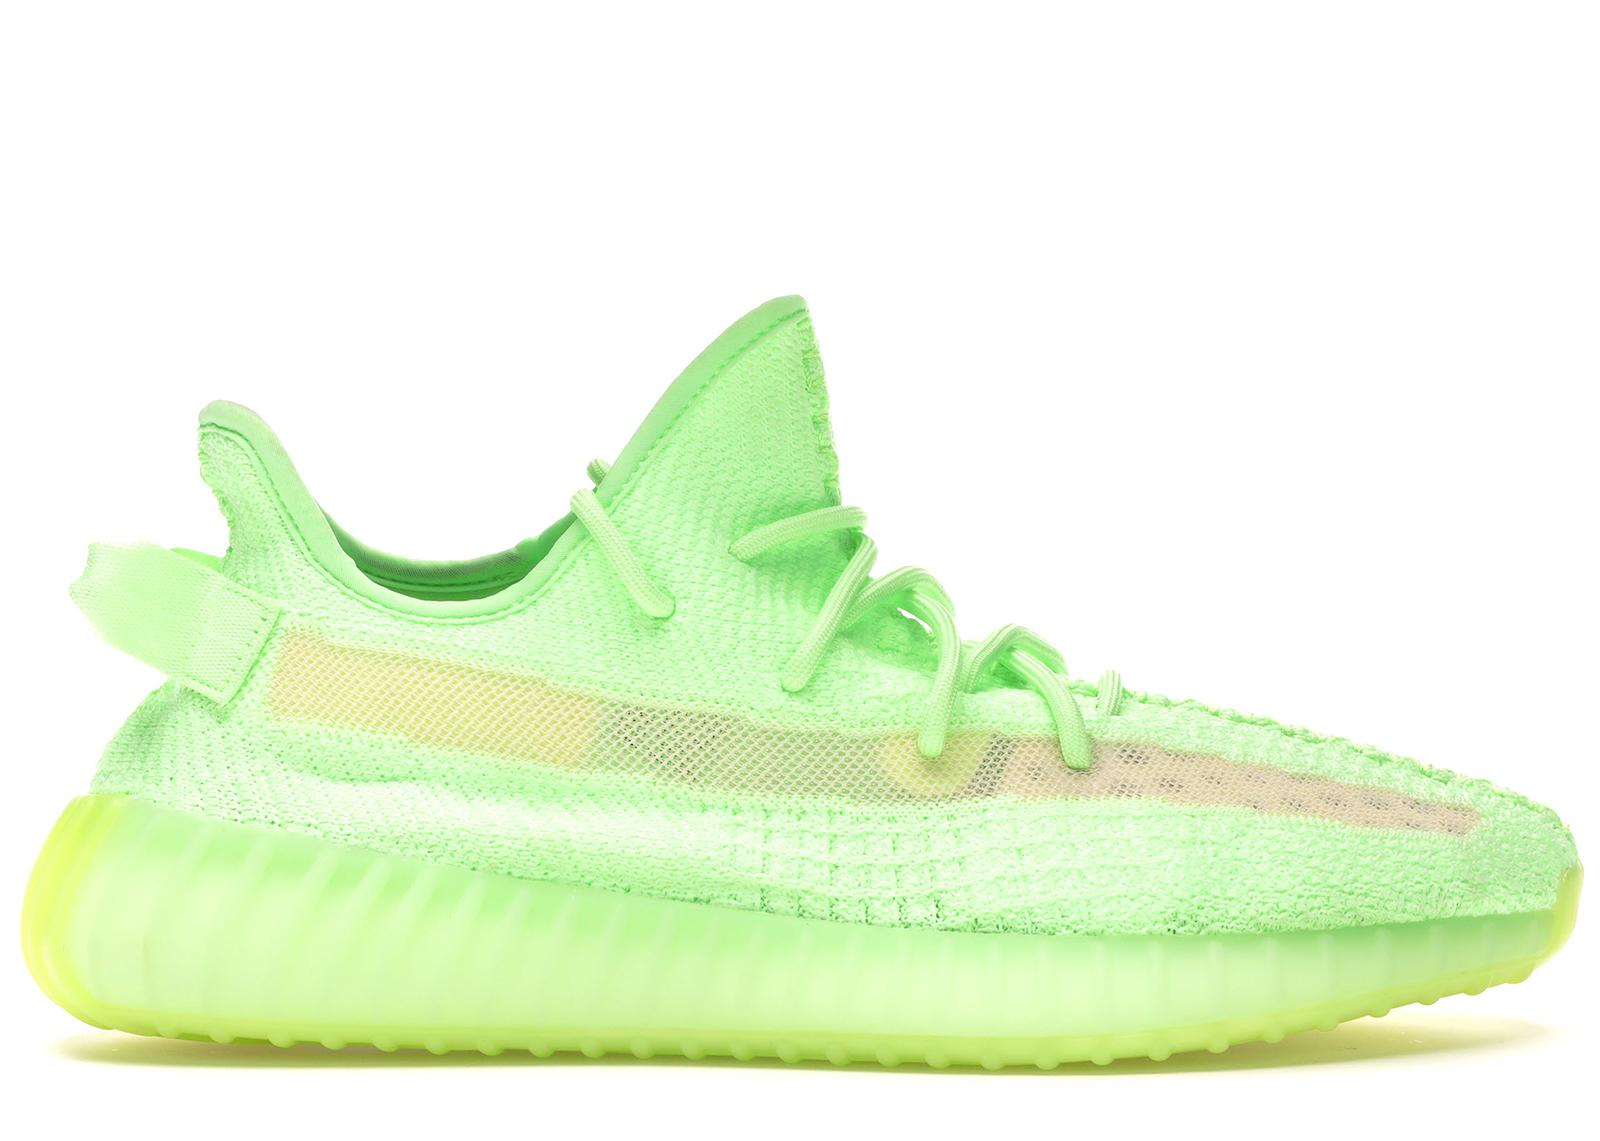 adidas Yeezy Boost 350 V2 Glow - EG5293